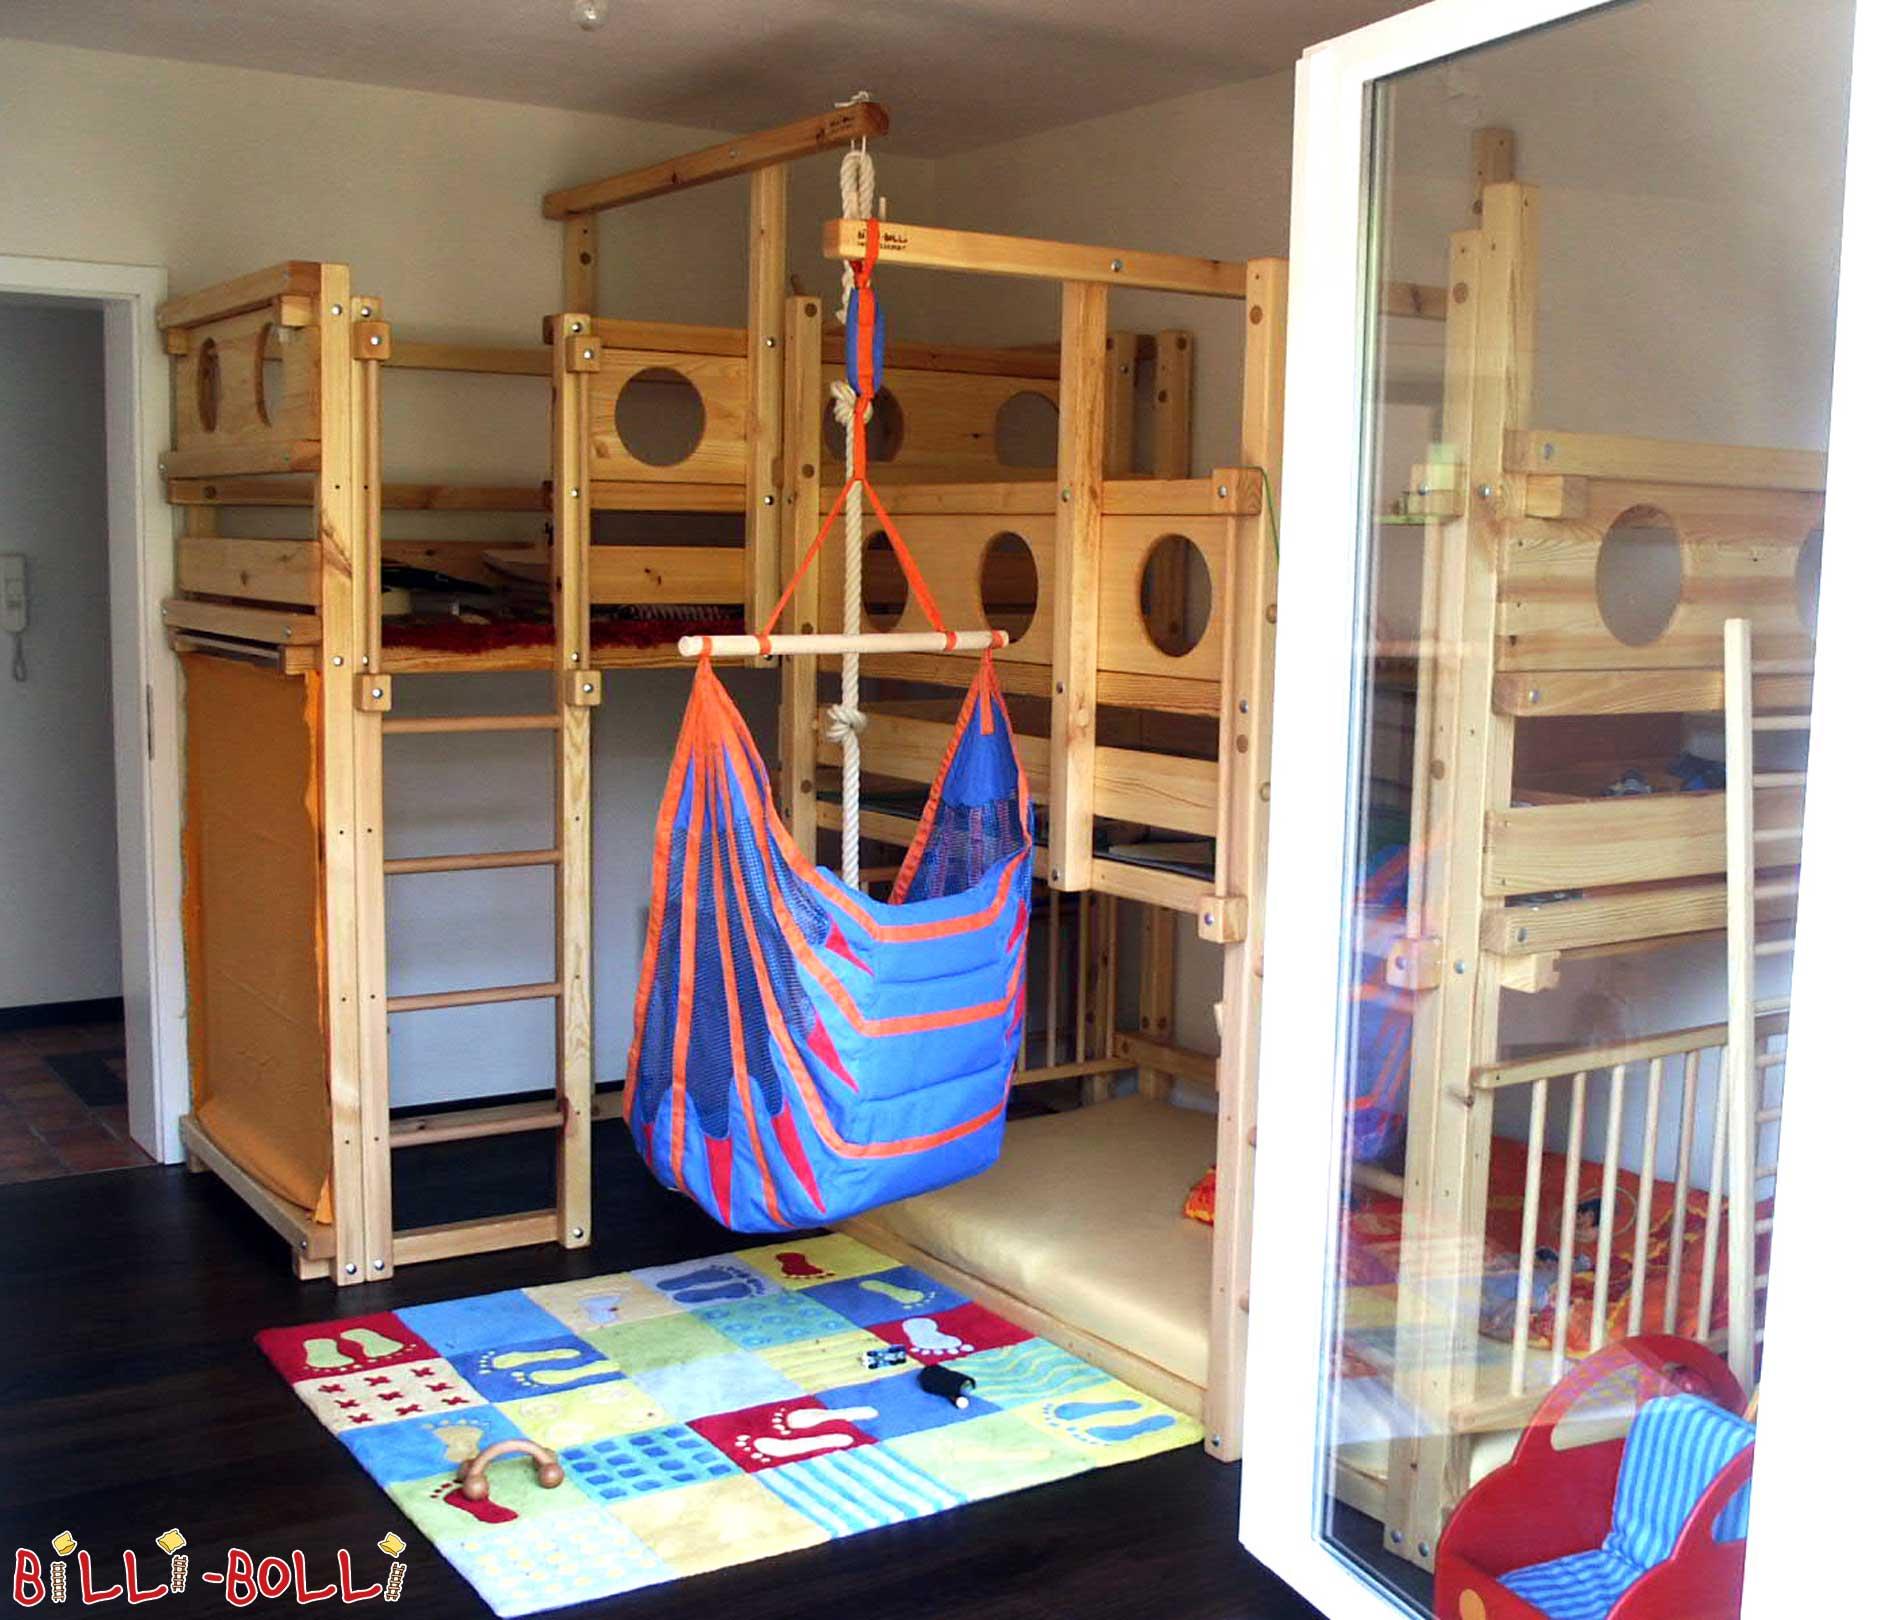 letto a castello mobili per bambini da billi bolli. Black Bedroom Furniture Sets. Home Design Ideas